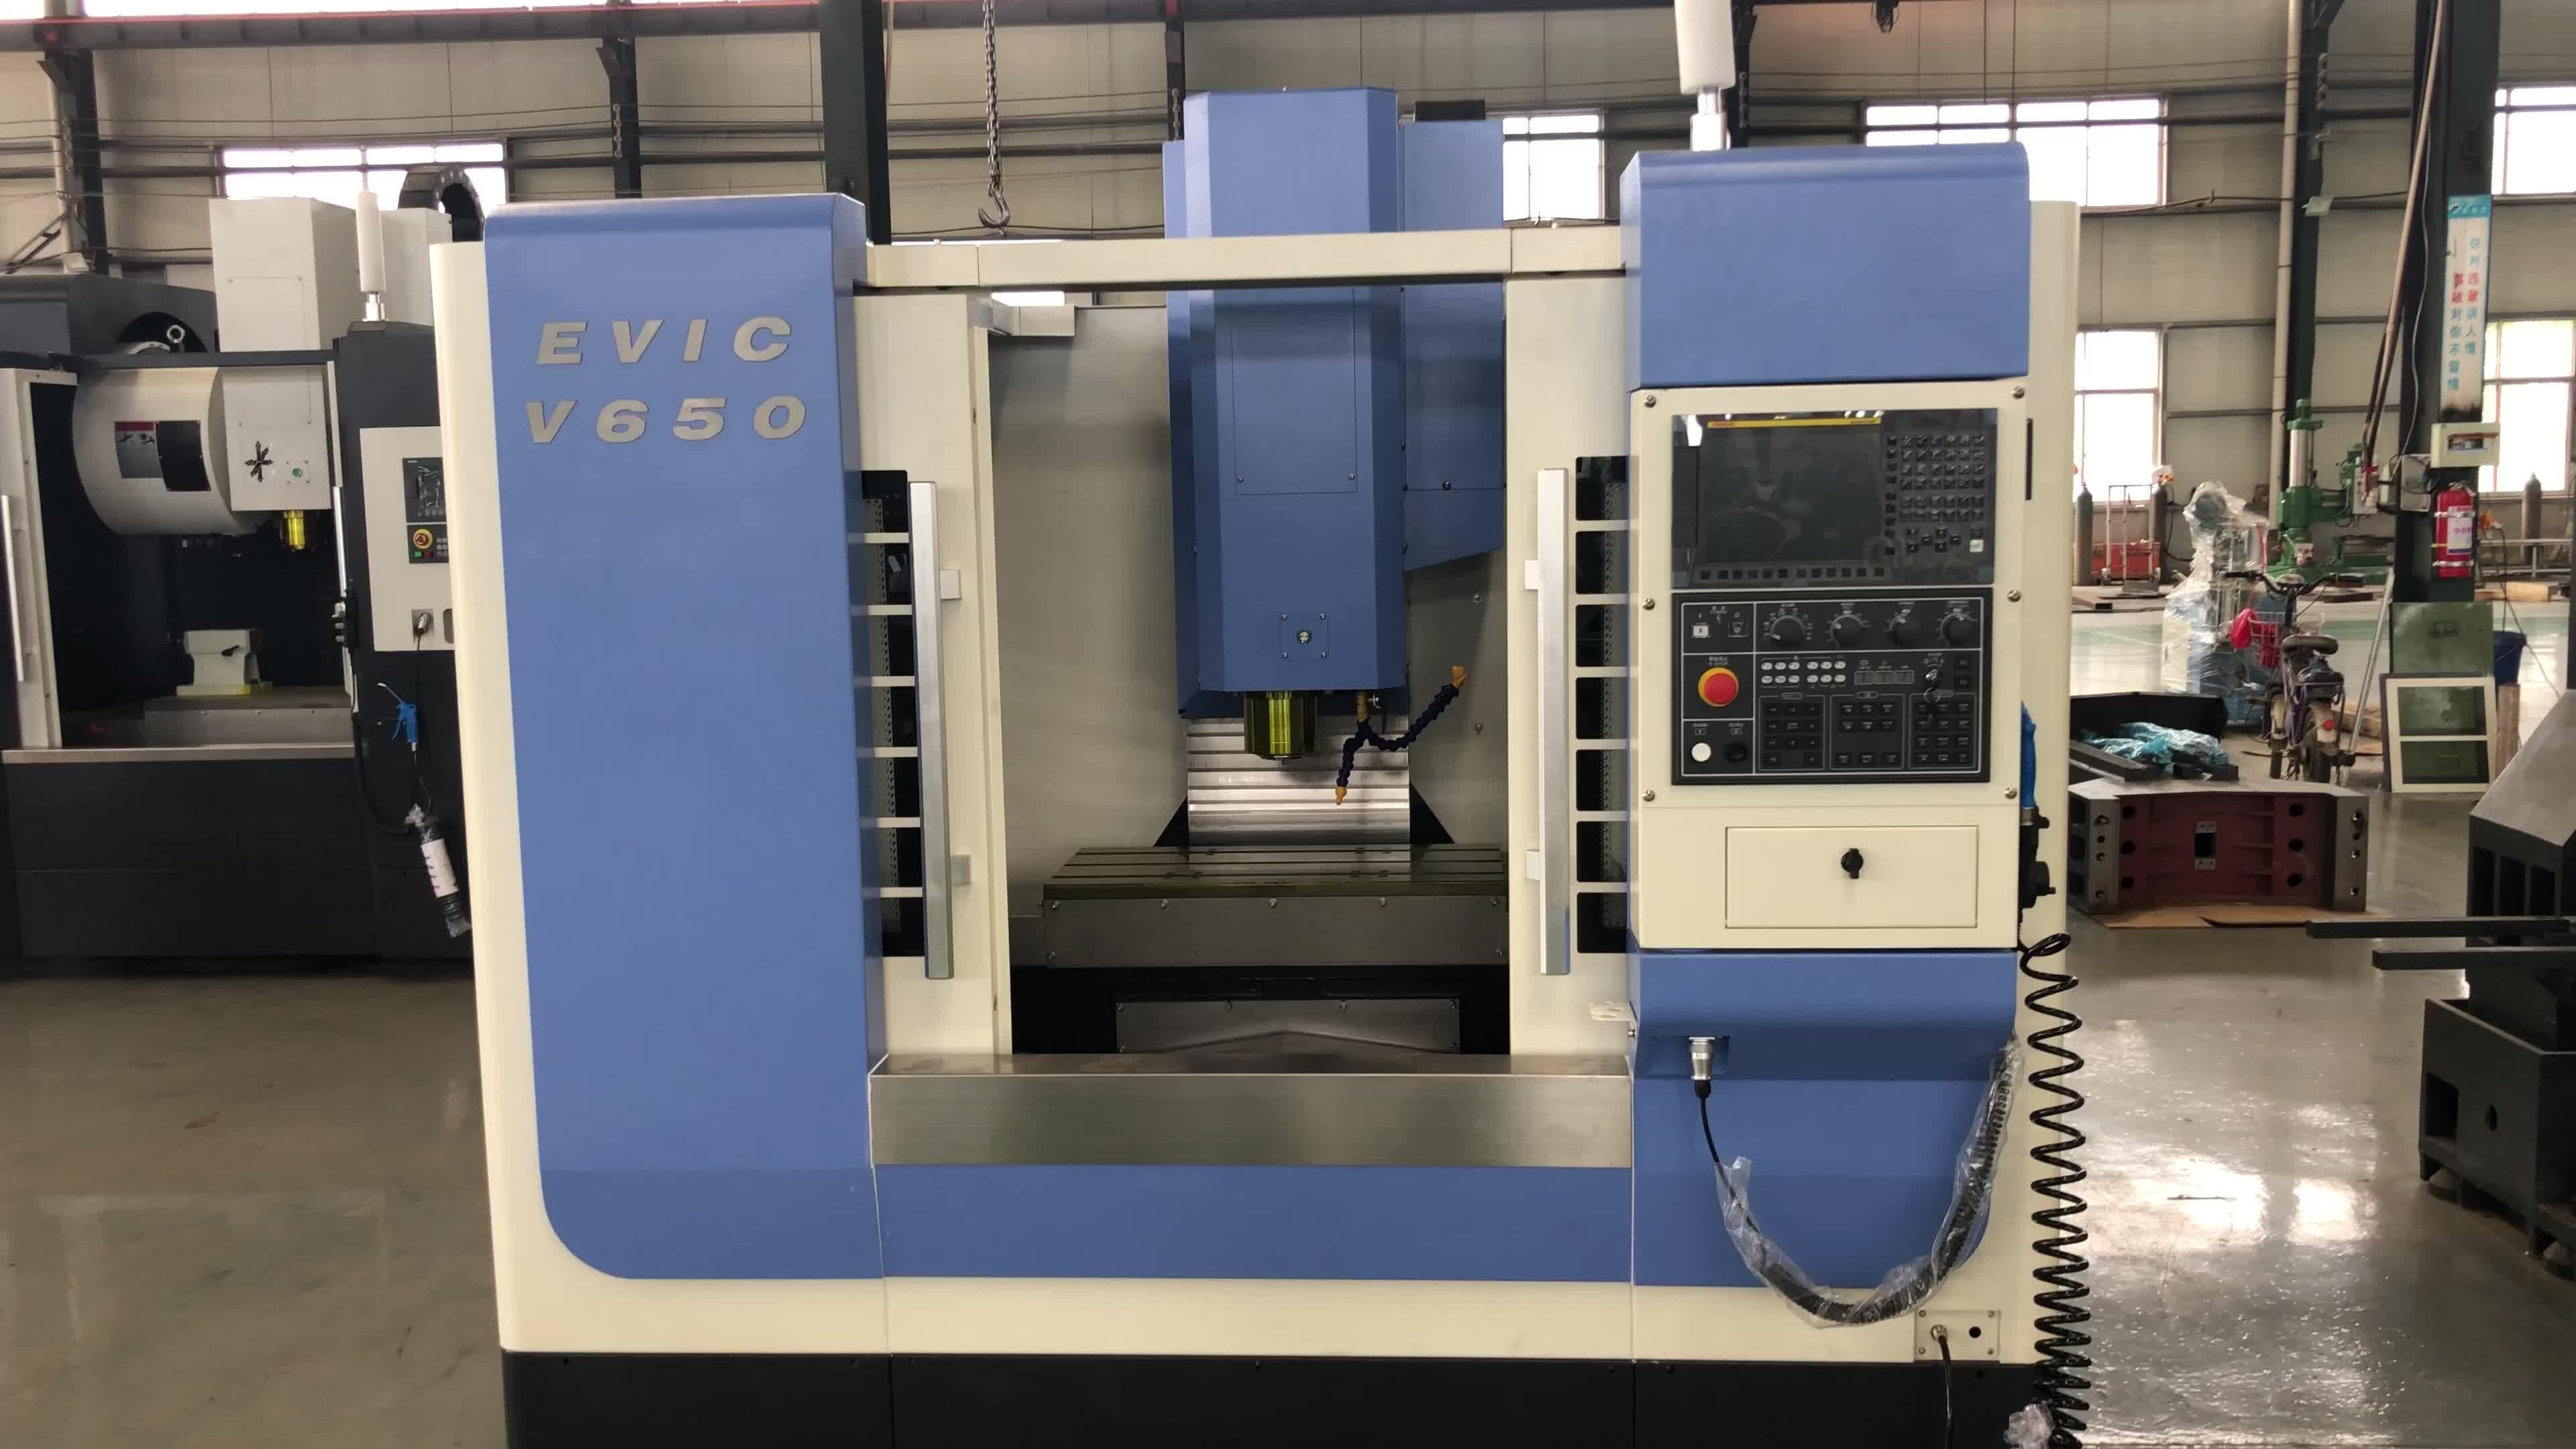 Vmc650 Hoge snelheid verticale bewerkingscentrum snijgereedschap voor freesmachine